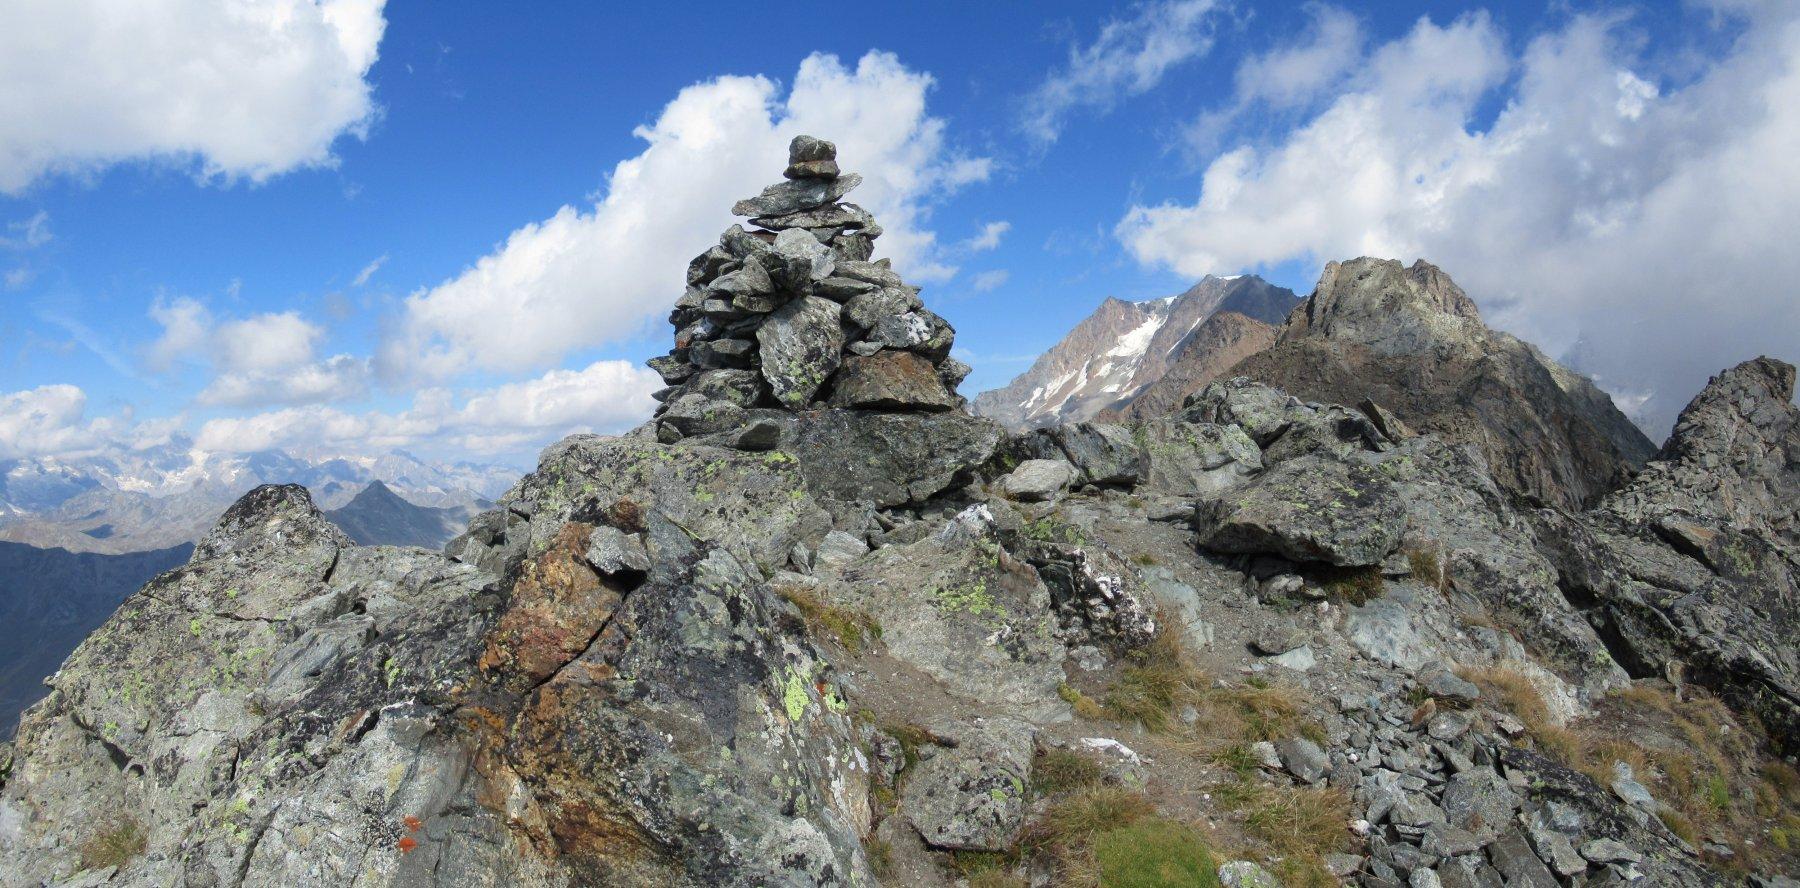 L'ometto in cima alla punta sud del Monte Chenaille